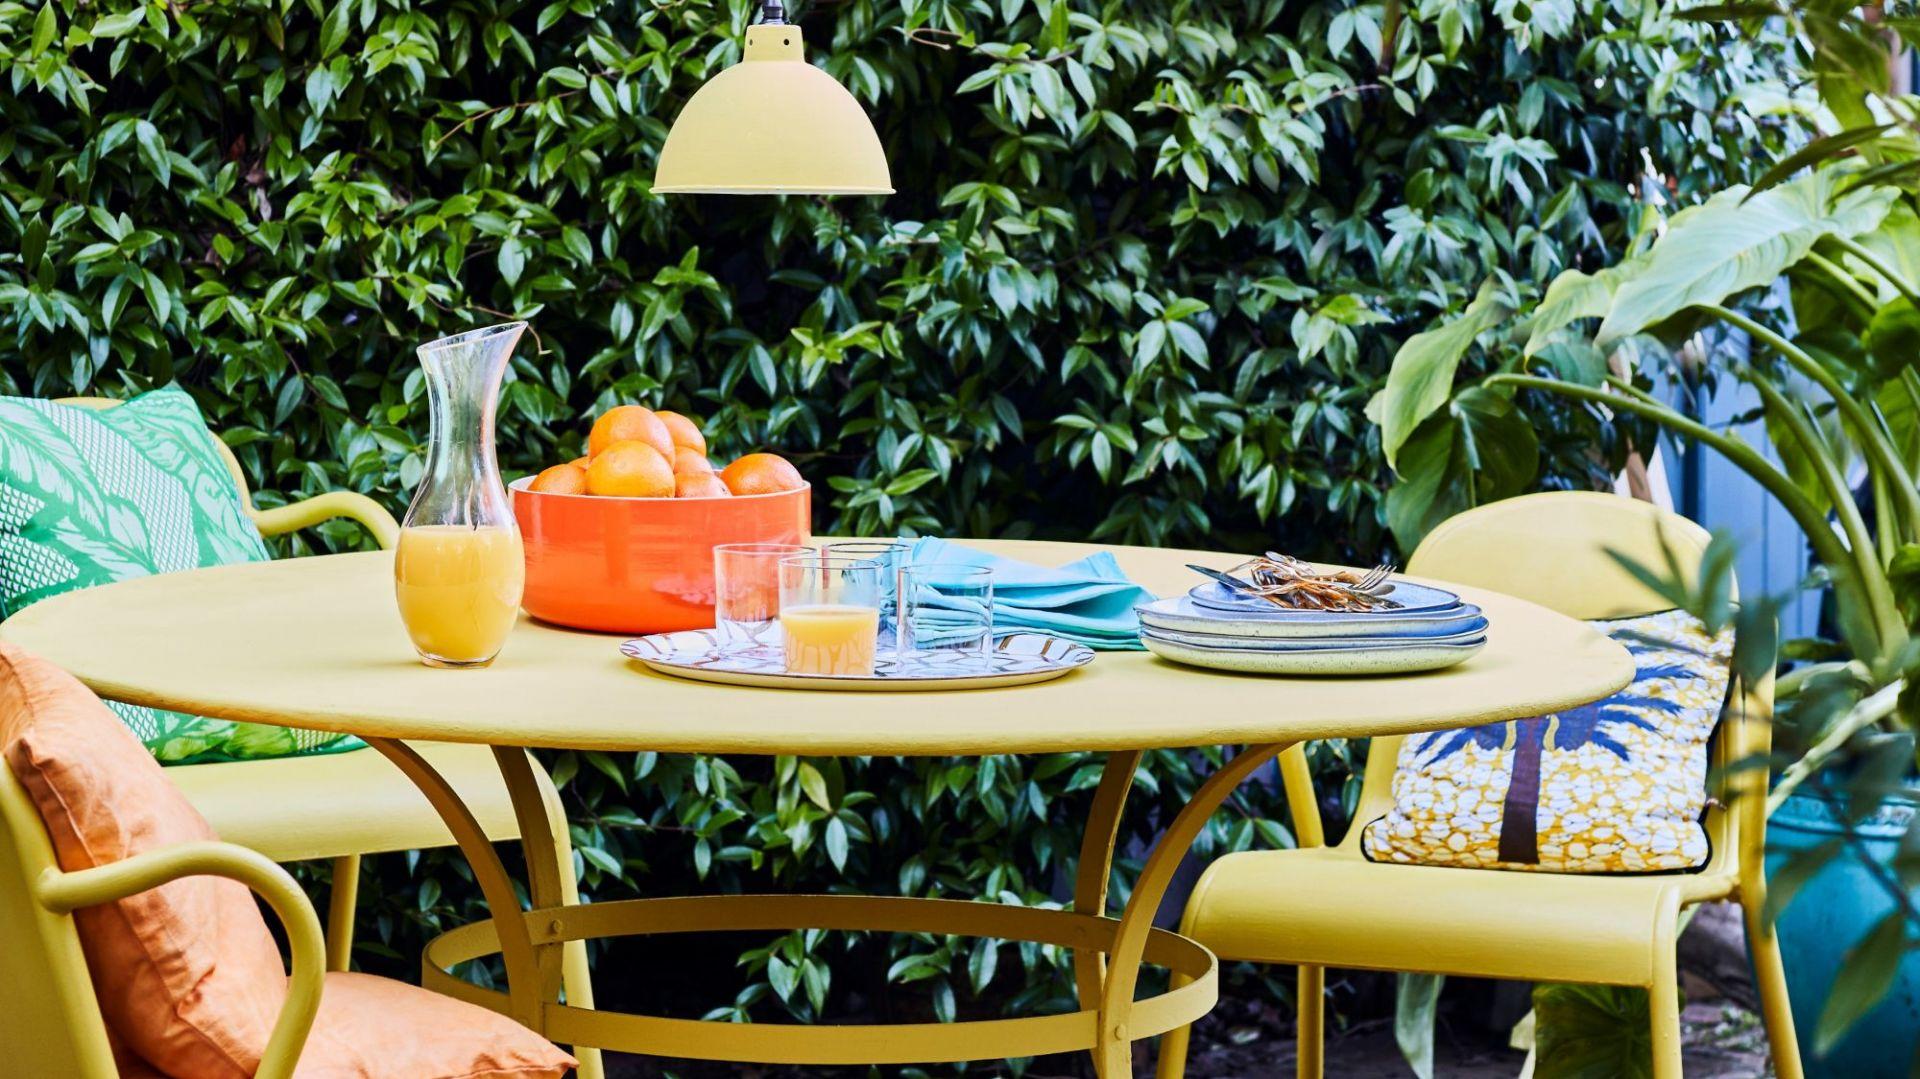 Malujemy meble ogrodowe, okna i drzwi. Wybierz dobrą farbę. Fot. Annie Sloan